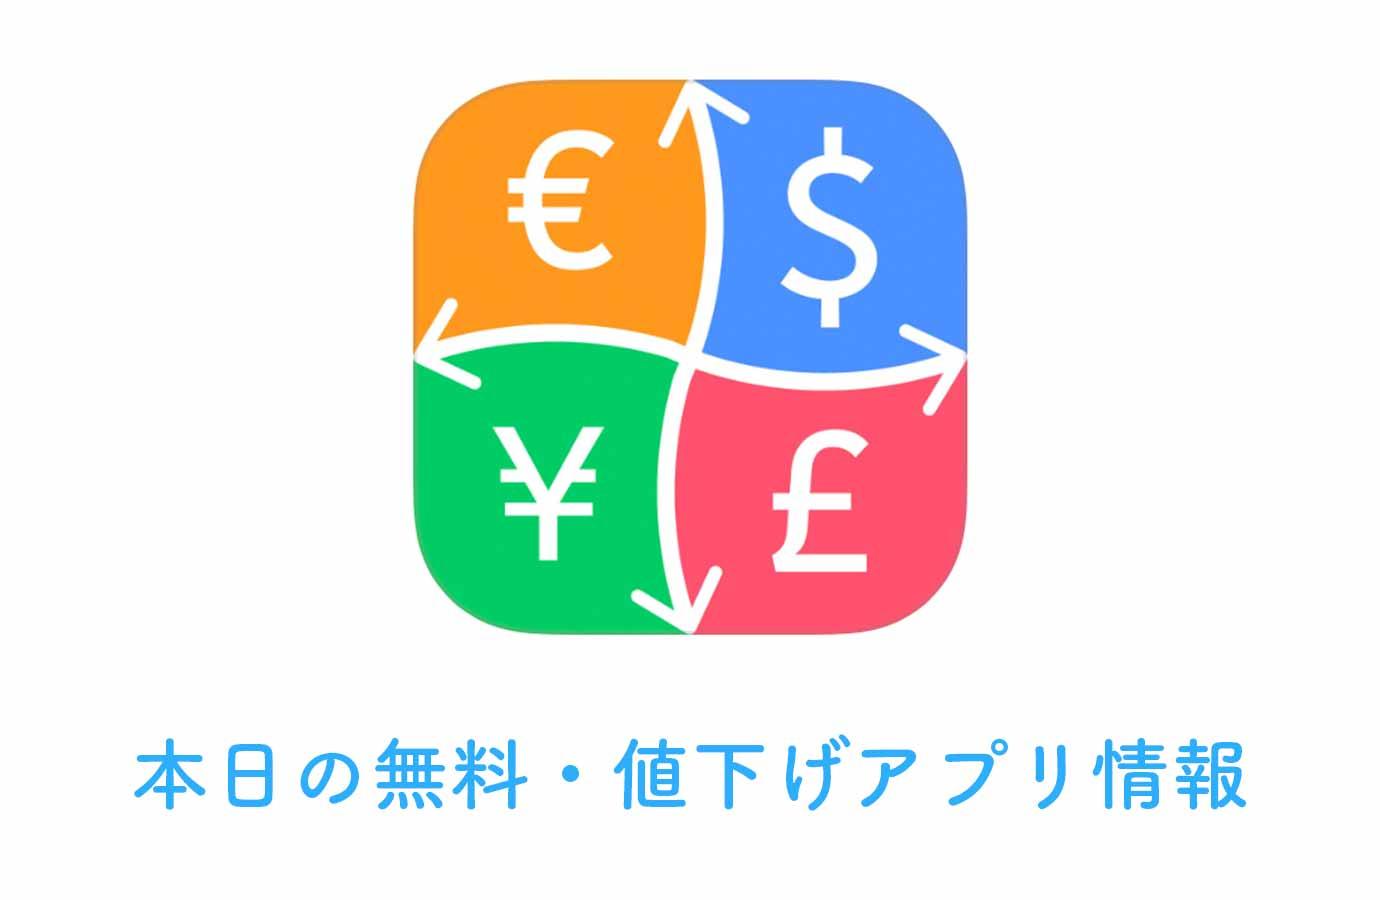 240円→無料!世界中の通貨に対応した通貨換算アプリ「通貨コンバータ」など【1/26】本日の無料・値下げアプリ情報